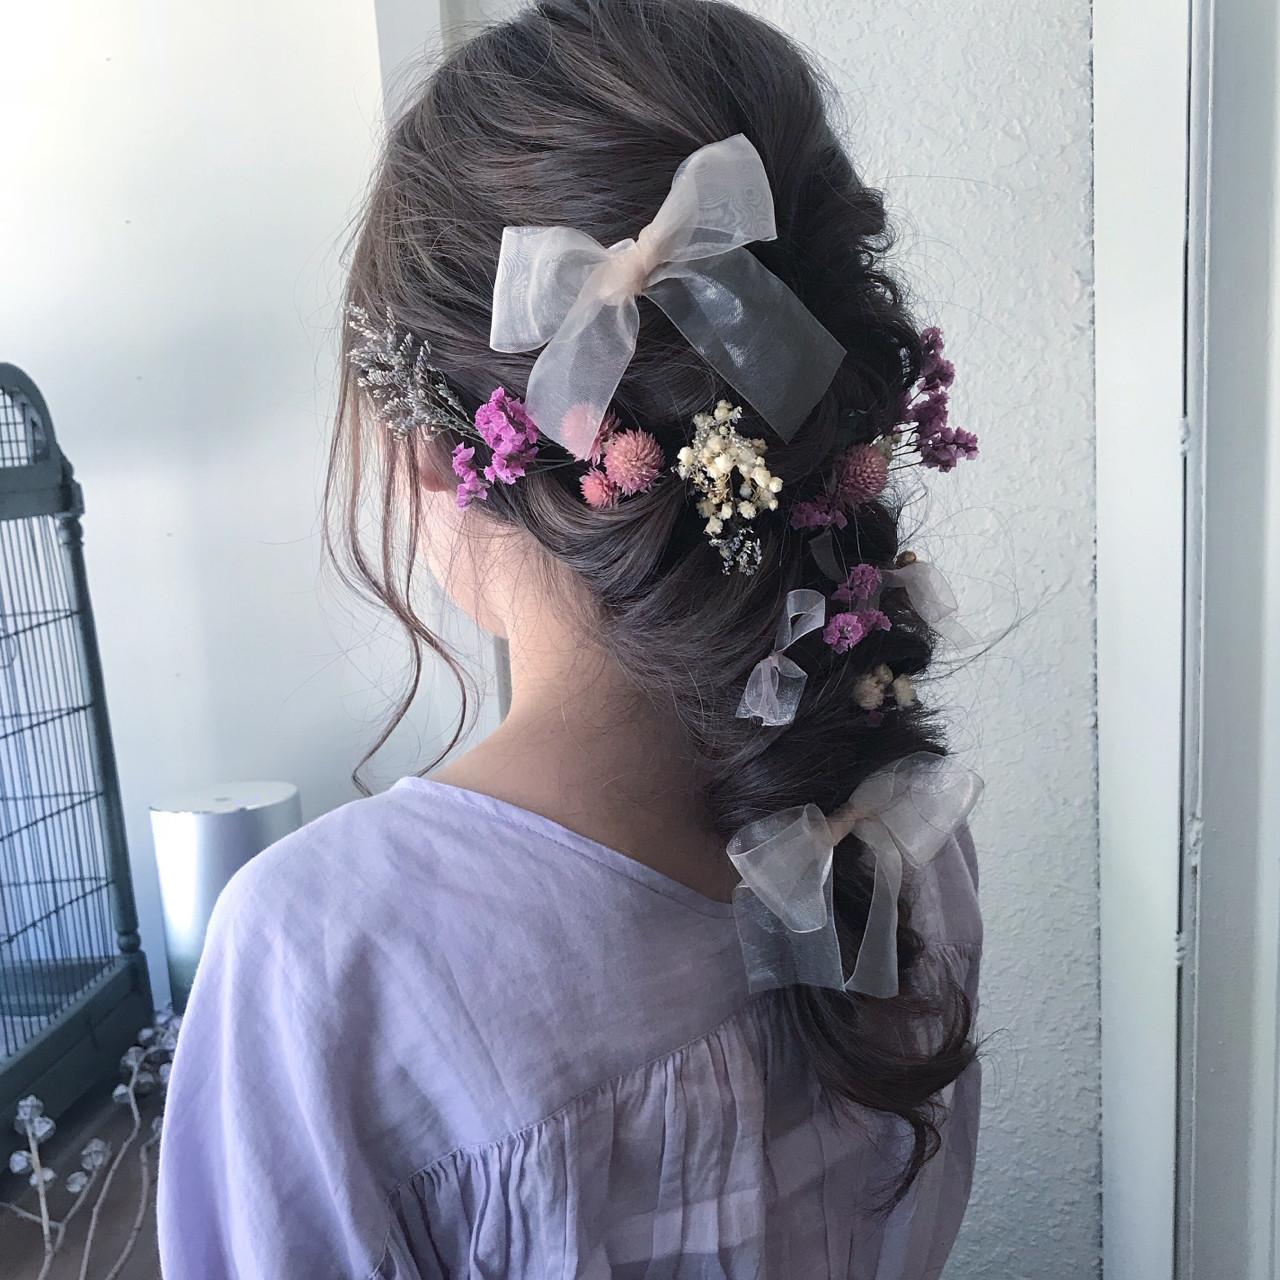 ガーリーで華やかな髪型 anhue. オザキミノリ  An hue.